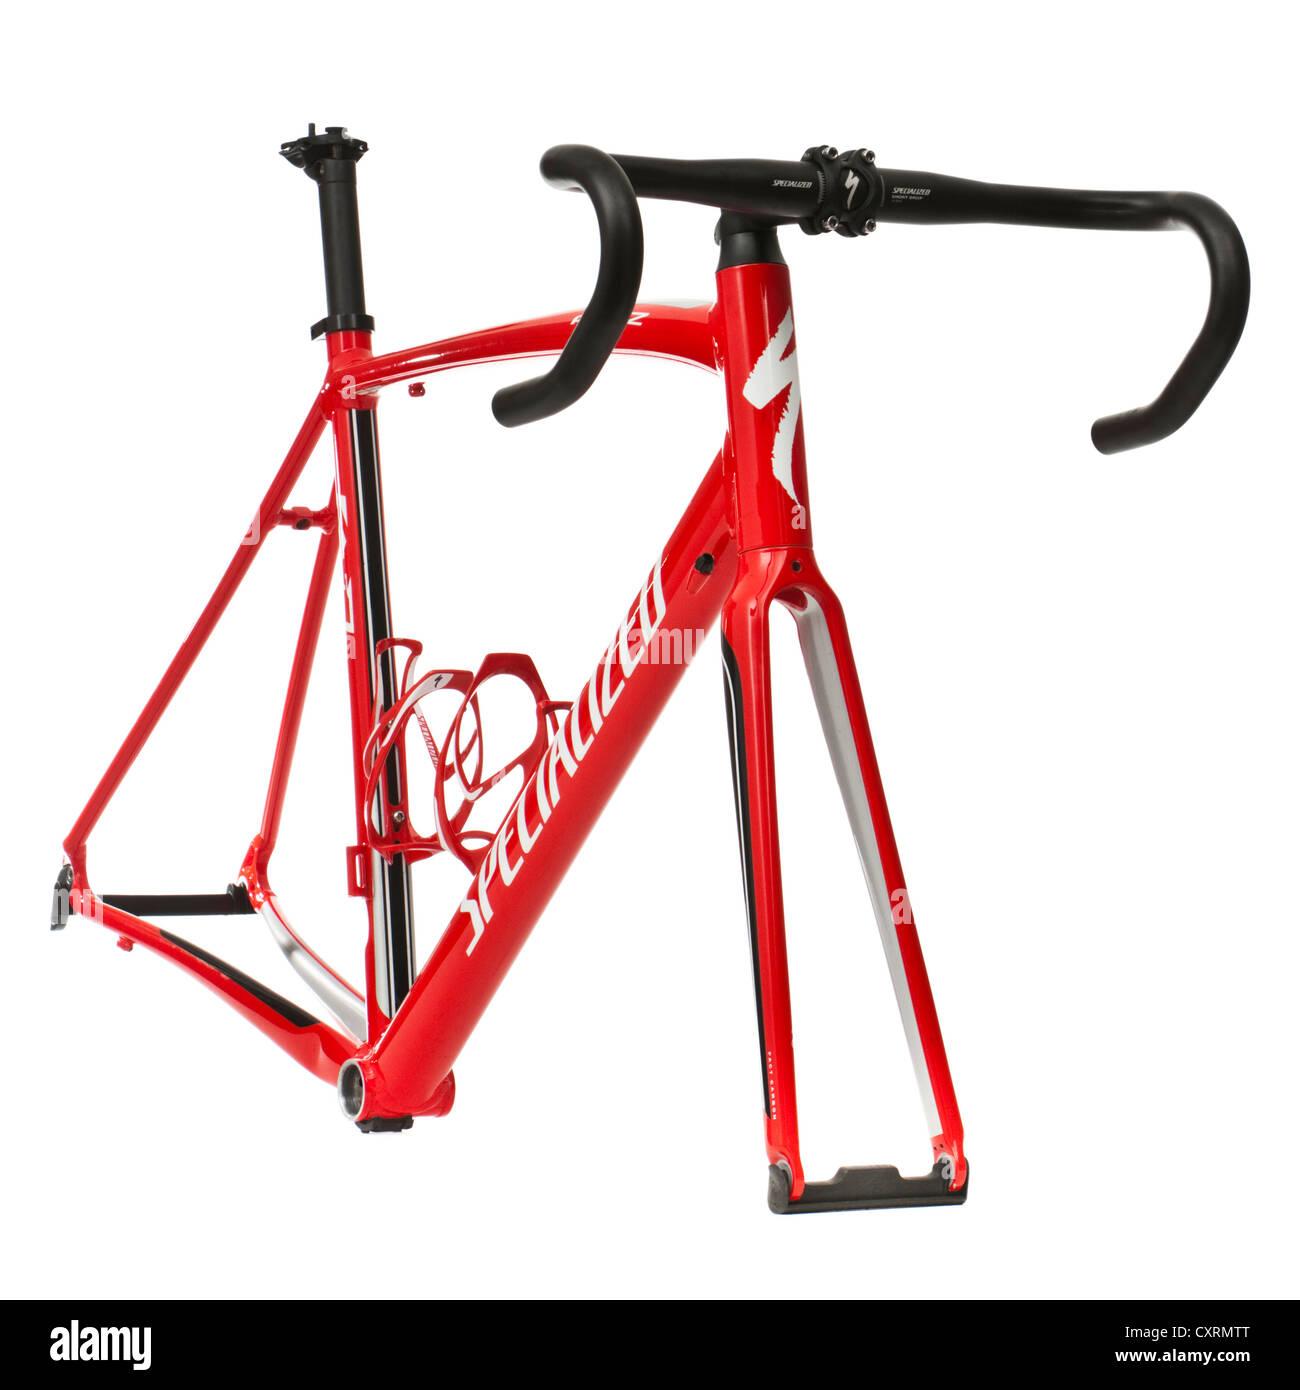 Wunderbar Fahrradrahmen Malerei London Galerie - Rahmen Ideen ...